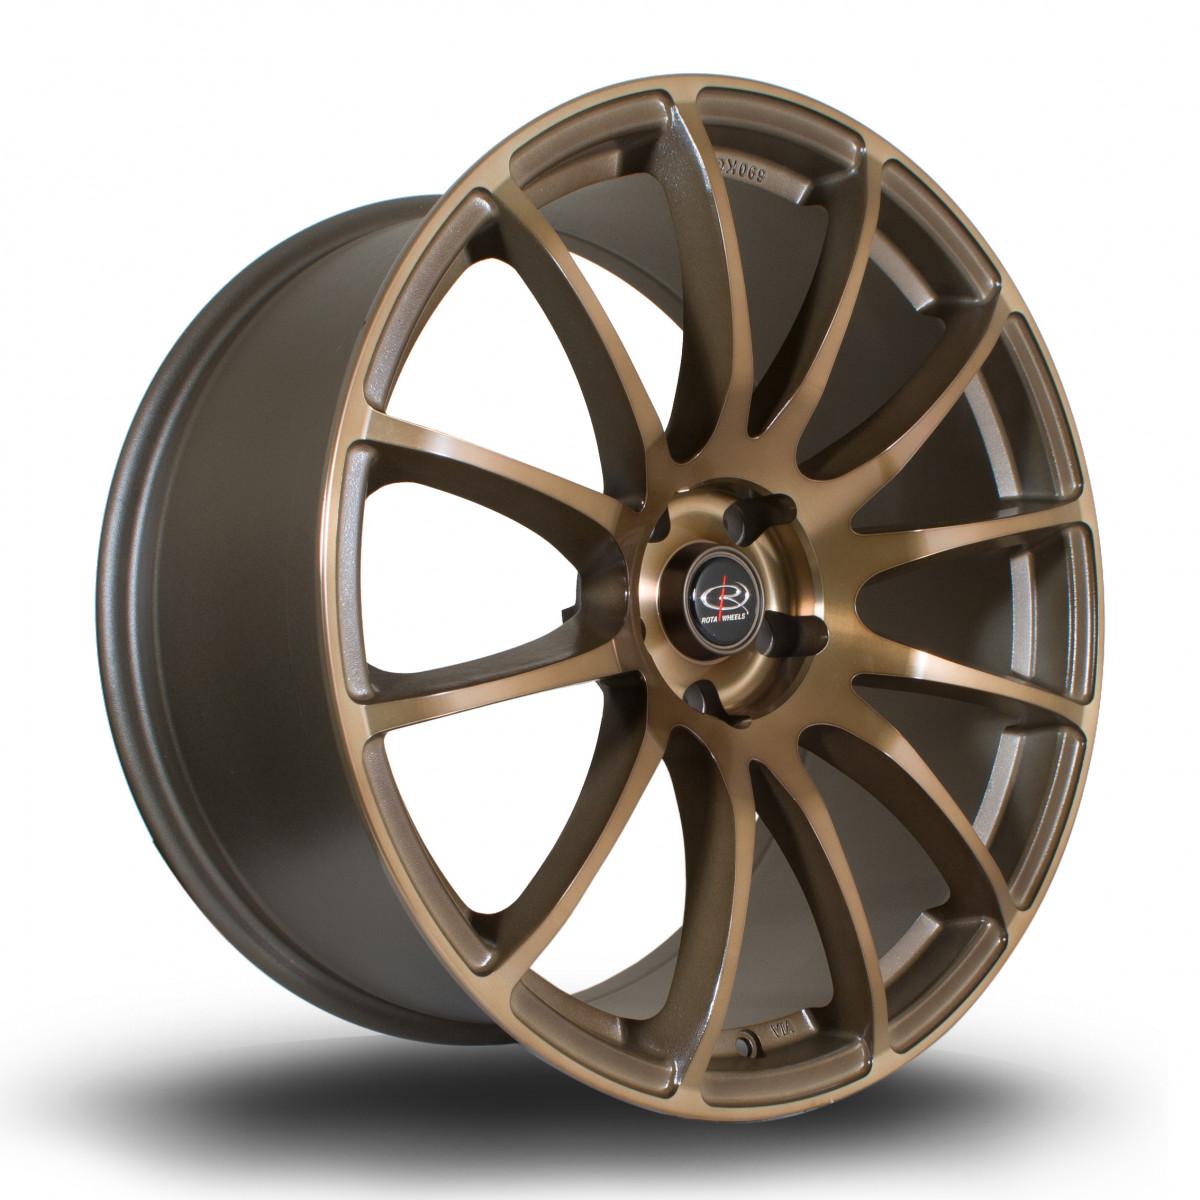 PWR 20x9.5 5x114 ET30 Speed Bronze